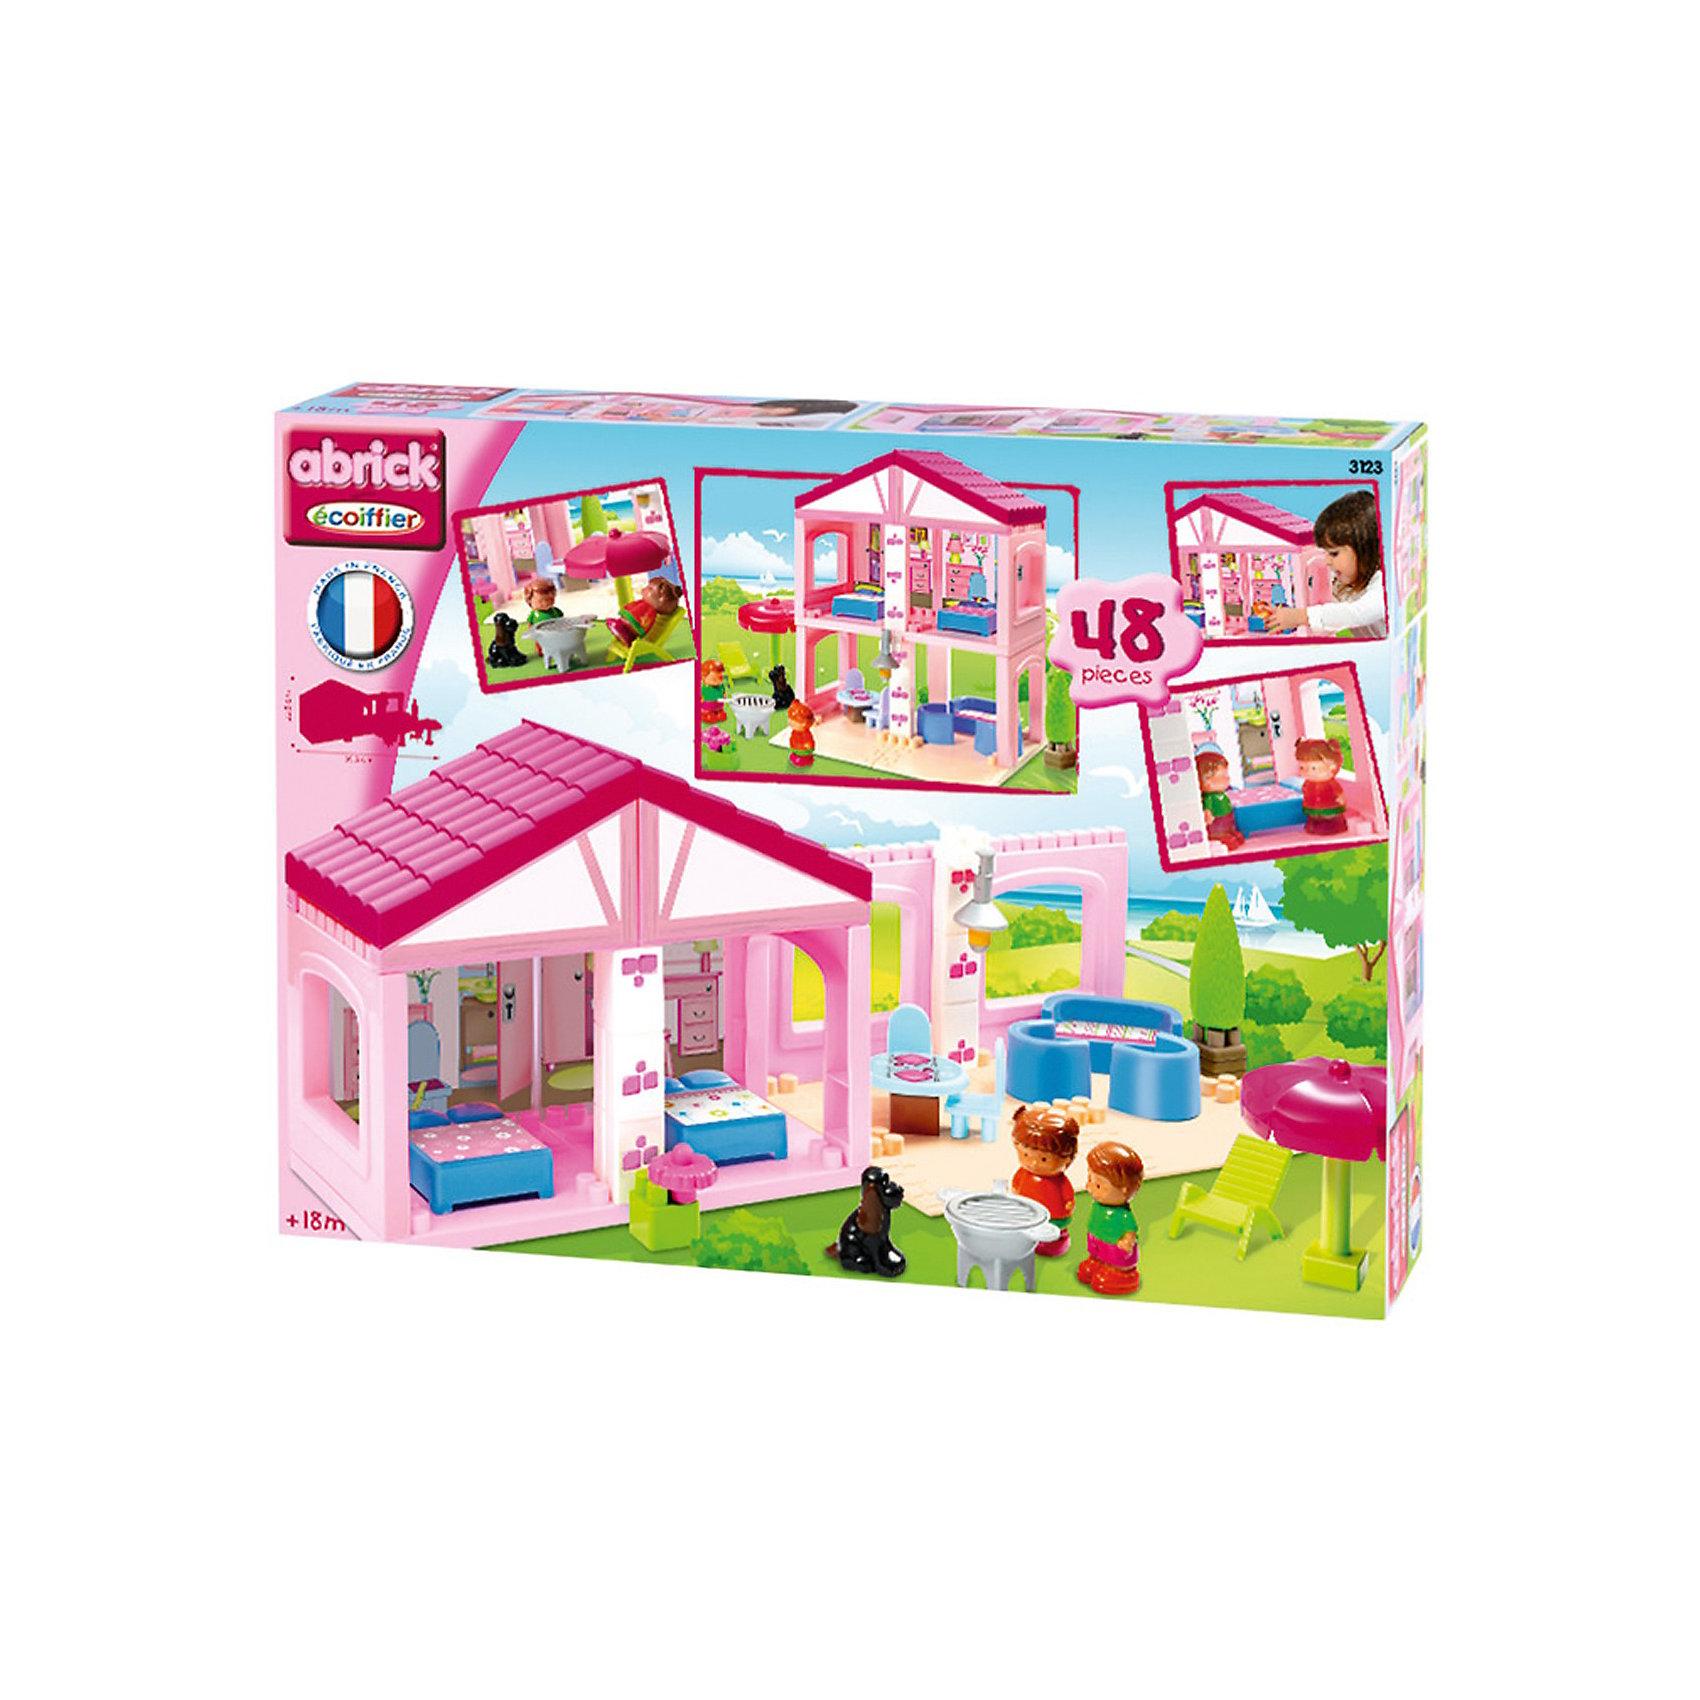 Конструктор Вилла, EcoiffierКонструктор Вилла, Ecoiffier - чудесный конструктор для девочки из крупных ярко-розовых деталей, который обязательно понравится маленькой принцессе. Игровой набор позволит ей построить роскошную виллу в двух вариантах: одноэтажную или двухэтажную. На вилле несколько уютных комнаток, в которых так удобно и весело живется их маленьким обитателям, мальчику с девочкой и их симпатичной собачке. Здесь есть и маленькая гостиная и столовая, и спальни. Входящая в комплект разнообразная игрушечная мебель и аксессуары позволит обставить комнатки на свой вкус.<br><br>Рядом с домиком можно разбить лужайку для отдыха с лежаком, зонтиком от солнца и барбекю. Все детали выполнены из прочного, безопасного и качественного пластика.<br><br>Дополнительная информация:<br><br>- В комплекте: 48 деталей.<br>- Материал: пластик.<br>- Размер упаковки: 59,5 х 21 х 22,5 см.<br>- Вес: 1,3 кг. <br><br>Игра с конструктором развивает мелкую моторику, фантазию и воображение ребенка, учит его усидчивости и внимательности.<br><br>Конструктор Вилла, Ecoiffier можно купить в нашем интернет-магазине.<br><br>Ширина мм: 370<br>Глубина мм: 110<br>Высота мм: 500<br>Вес г: 1310<br>Возраст от месяцев: 36<br>Возраст до месяцев: 60<br>Пол: Унисекс<br>Возраст: Детский<br>SKU: 3808407